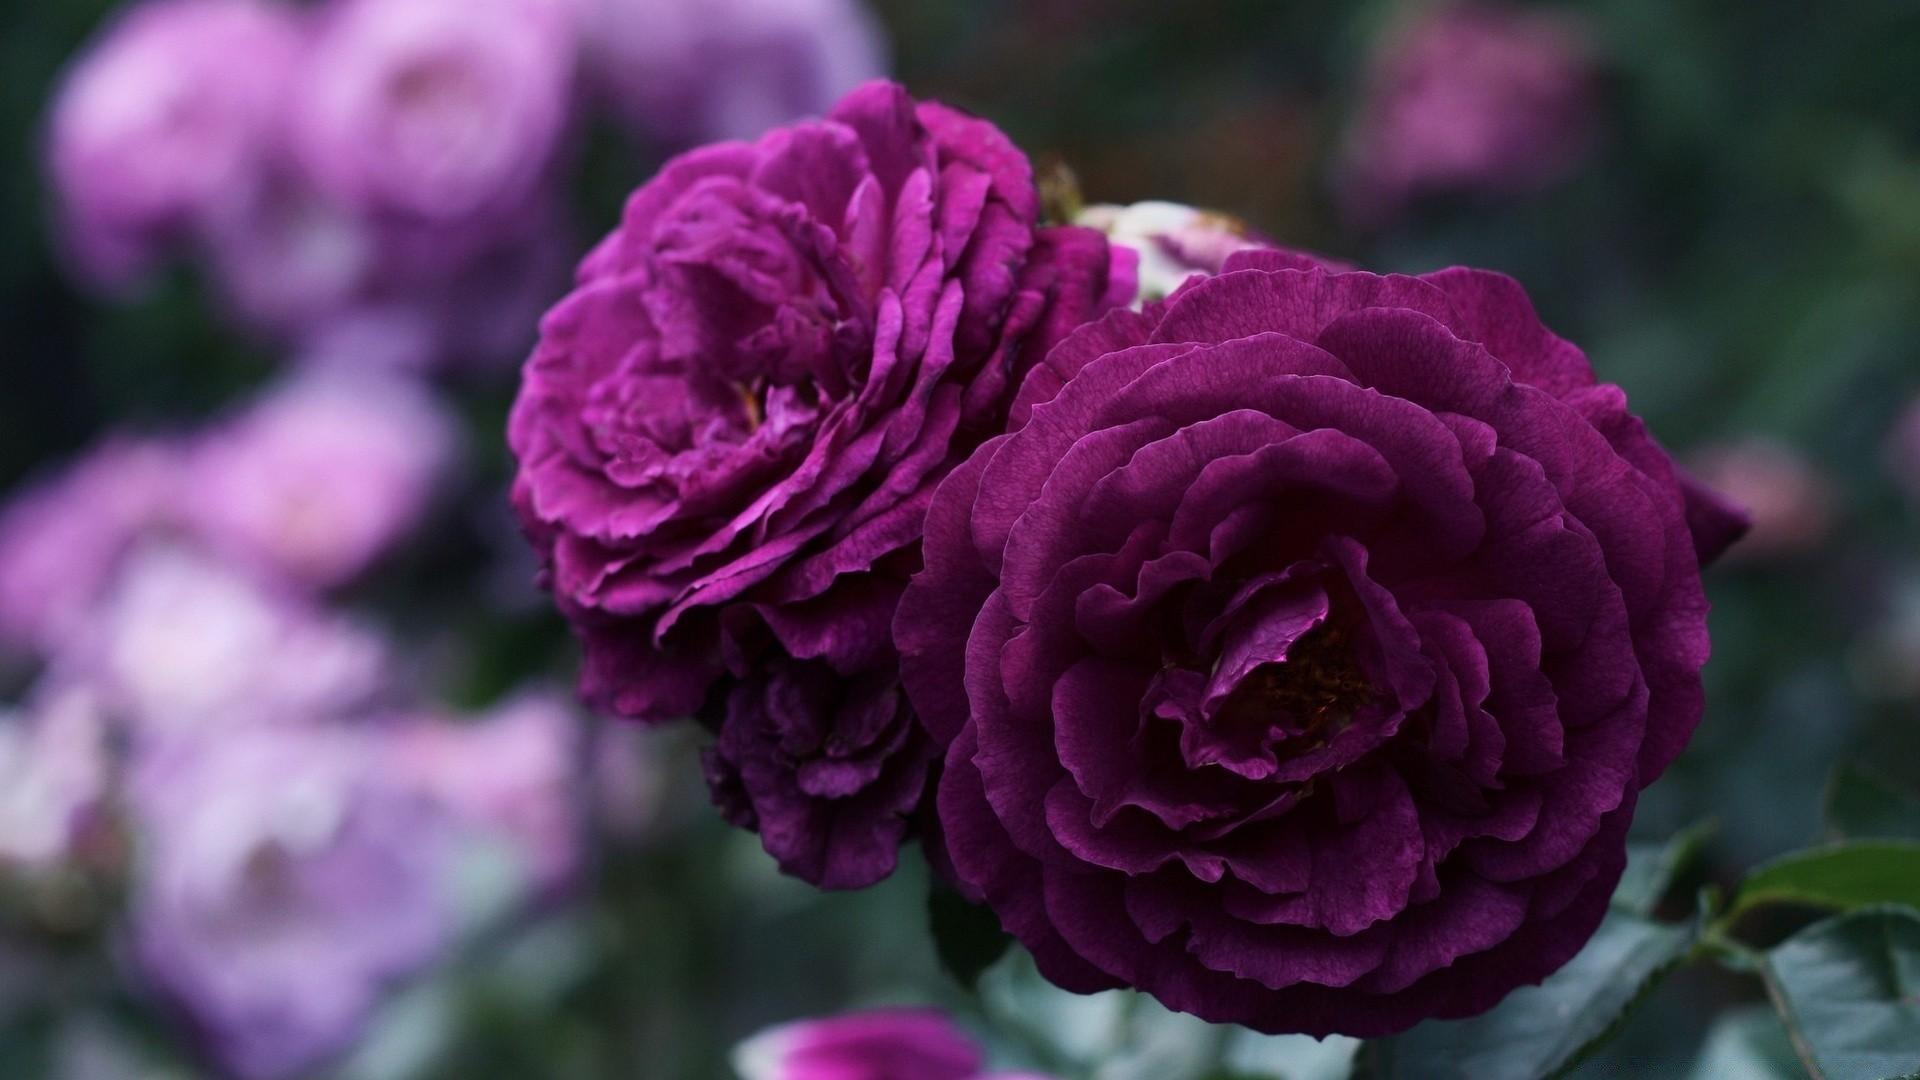 привыкшая подобному фиолетовые пионы картинки наверняка запомнился самый